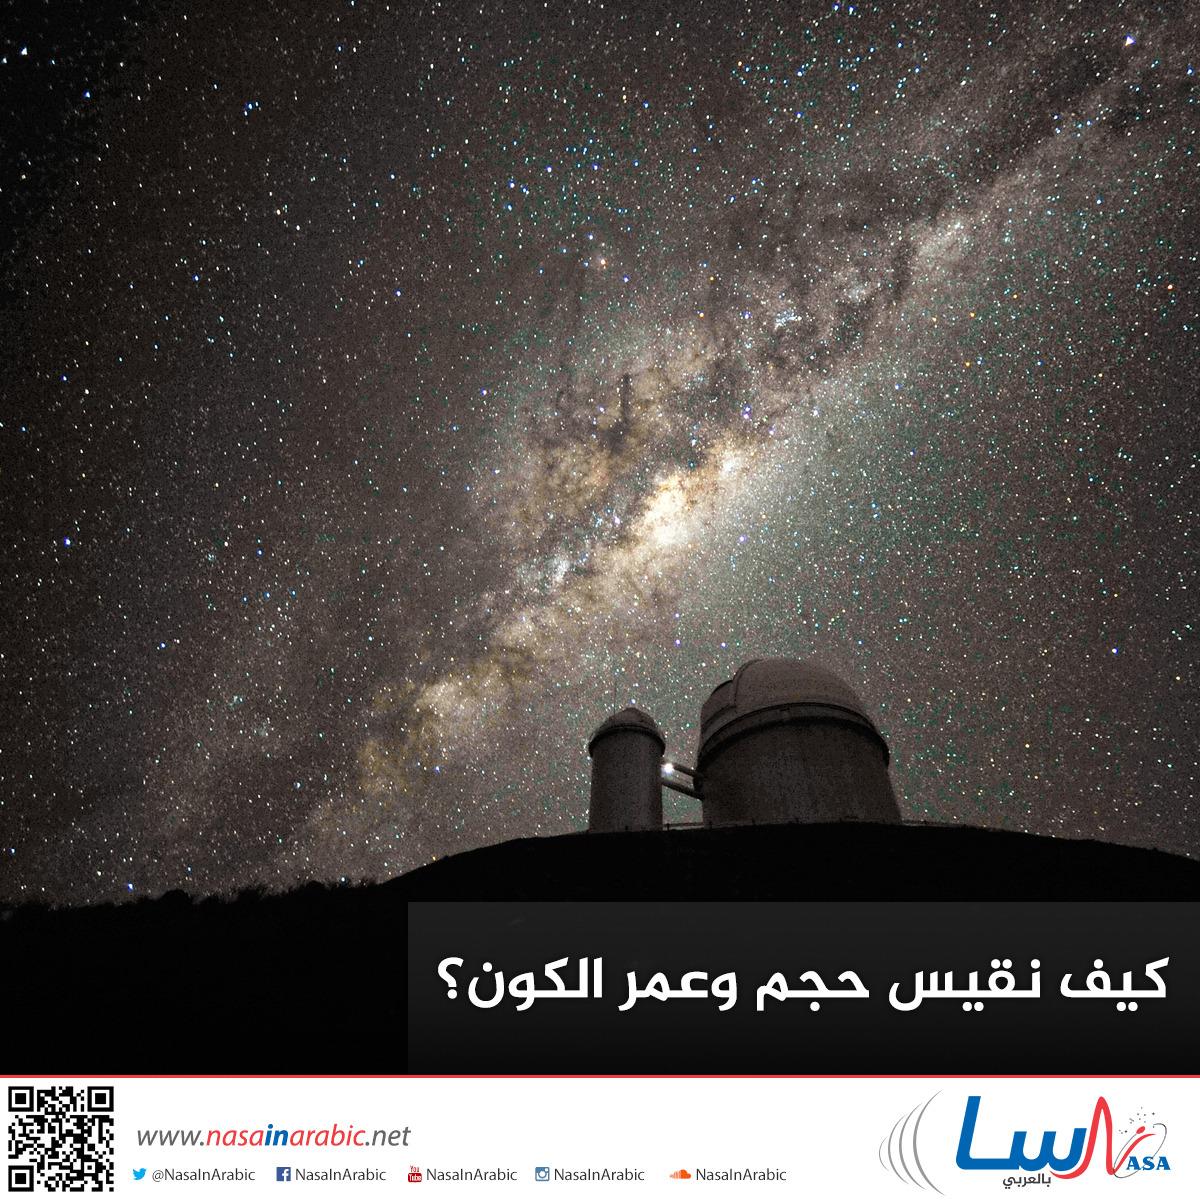 كيف نقيس حجم وعمر الكون؟